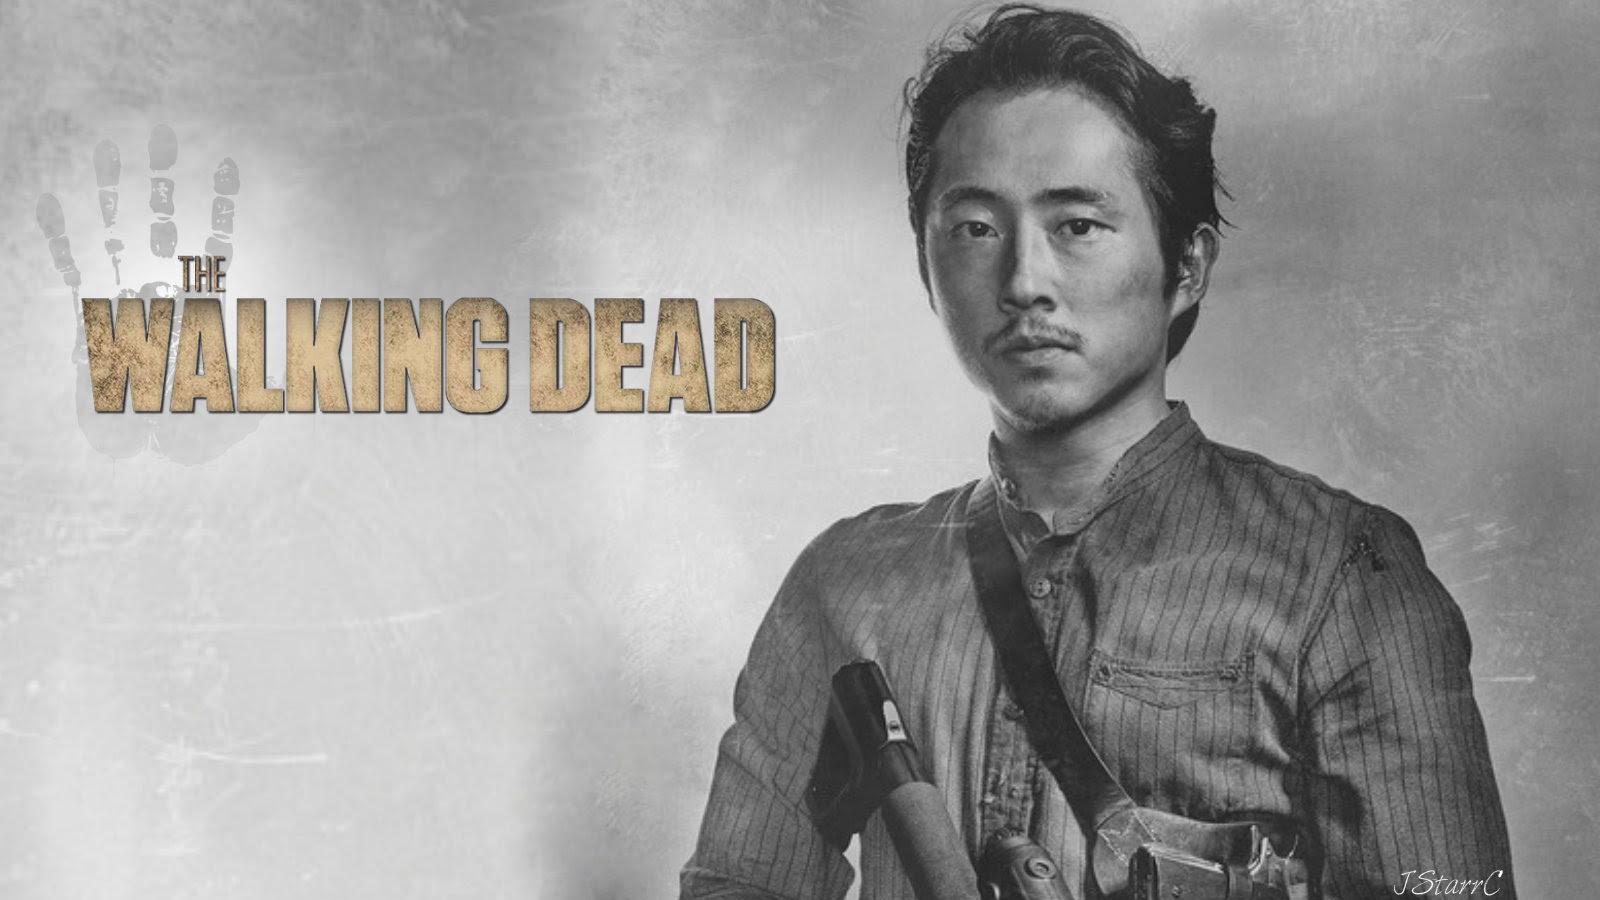 Glenn Rhee The Walking Dead Wallpaper 39470017 Fanpop